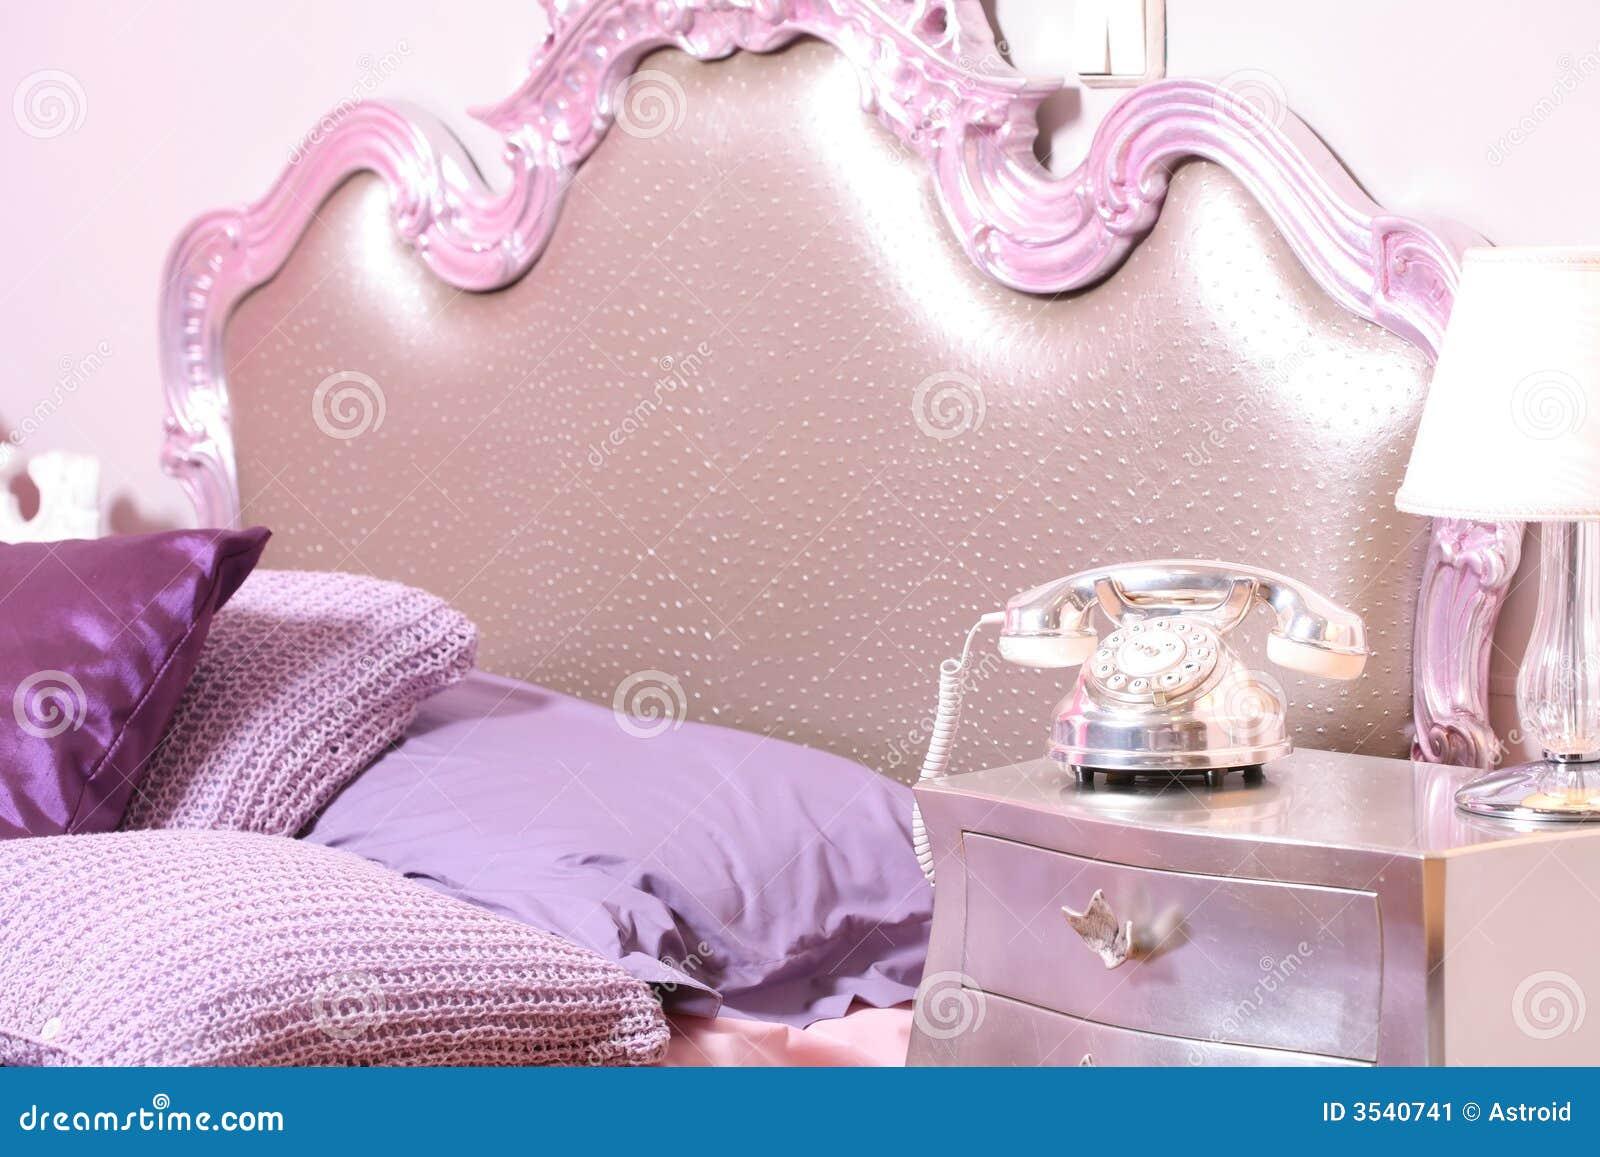 Slaapkamer Lamp Roze : De gebloemde hanglamp maakt indruk met zijn motieven van roze